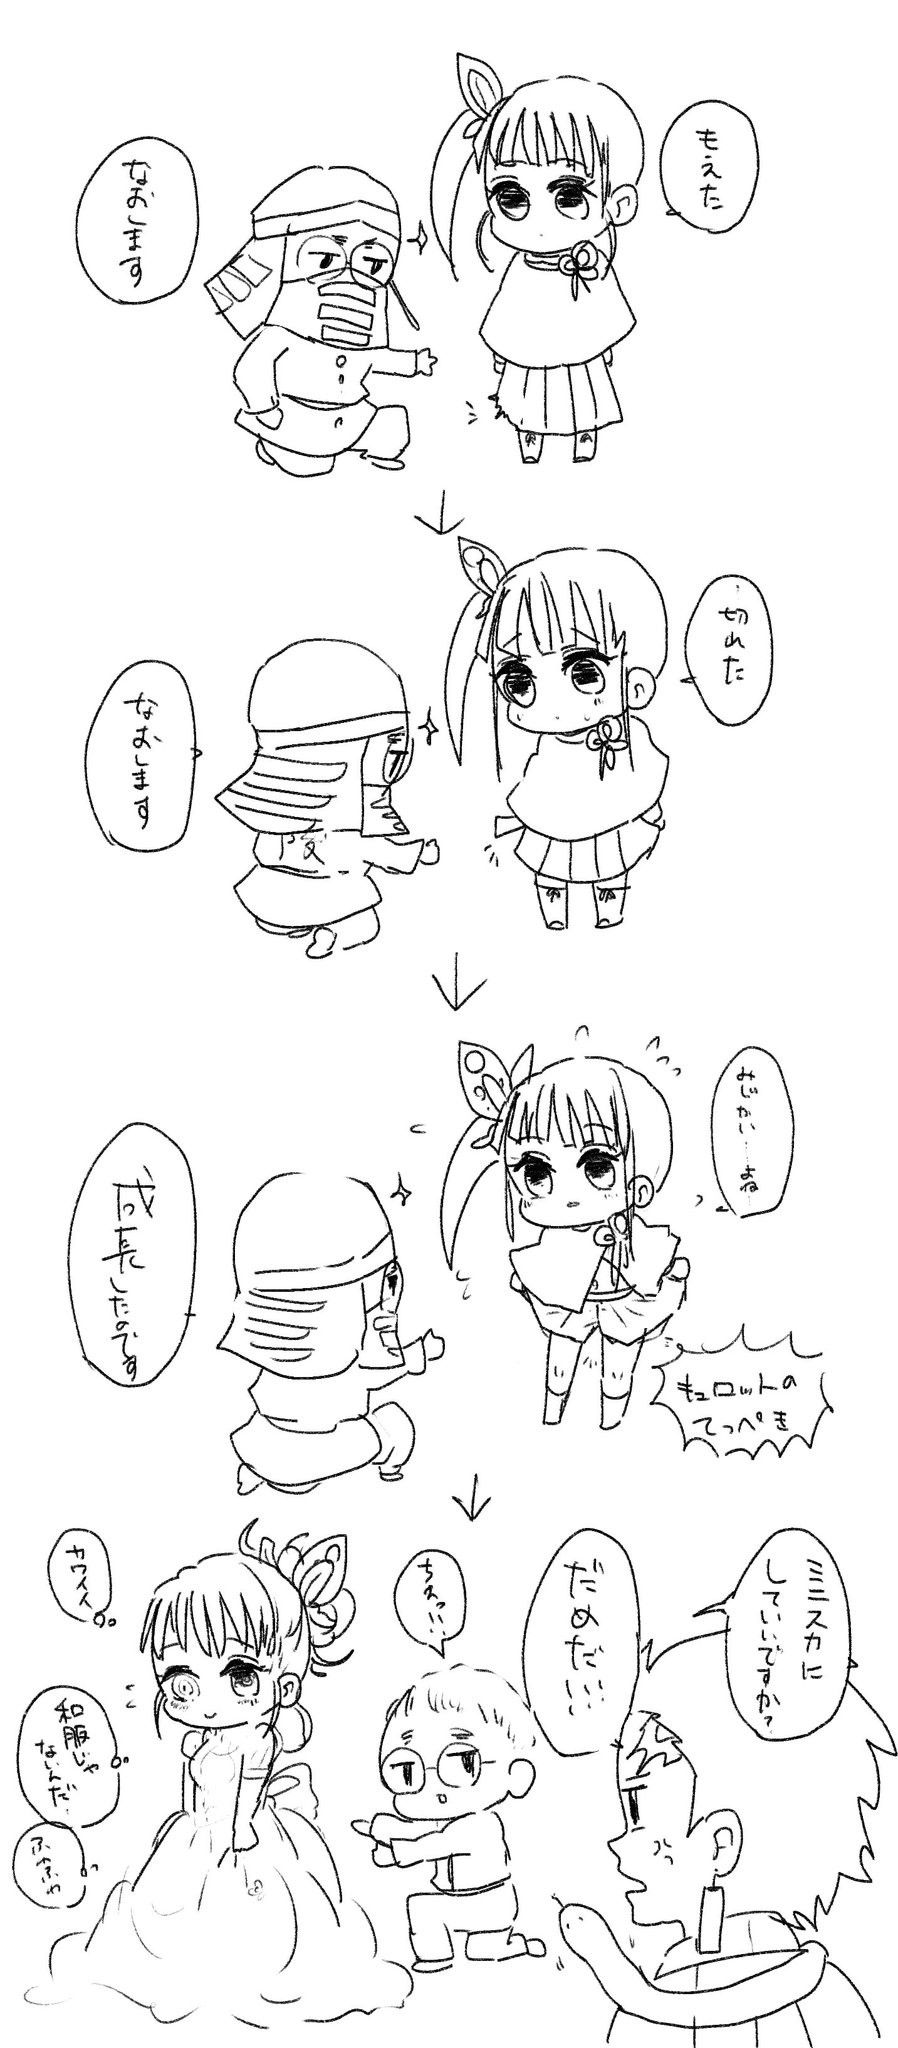 鬼滅の刃 kimetu no yaiba おしゃれまとめの人気アイデア pinterest 夜 snow 漫画 イラスト 鬼舞辻 無惨